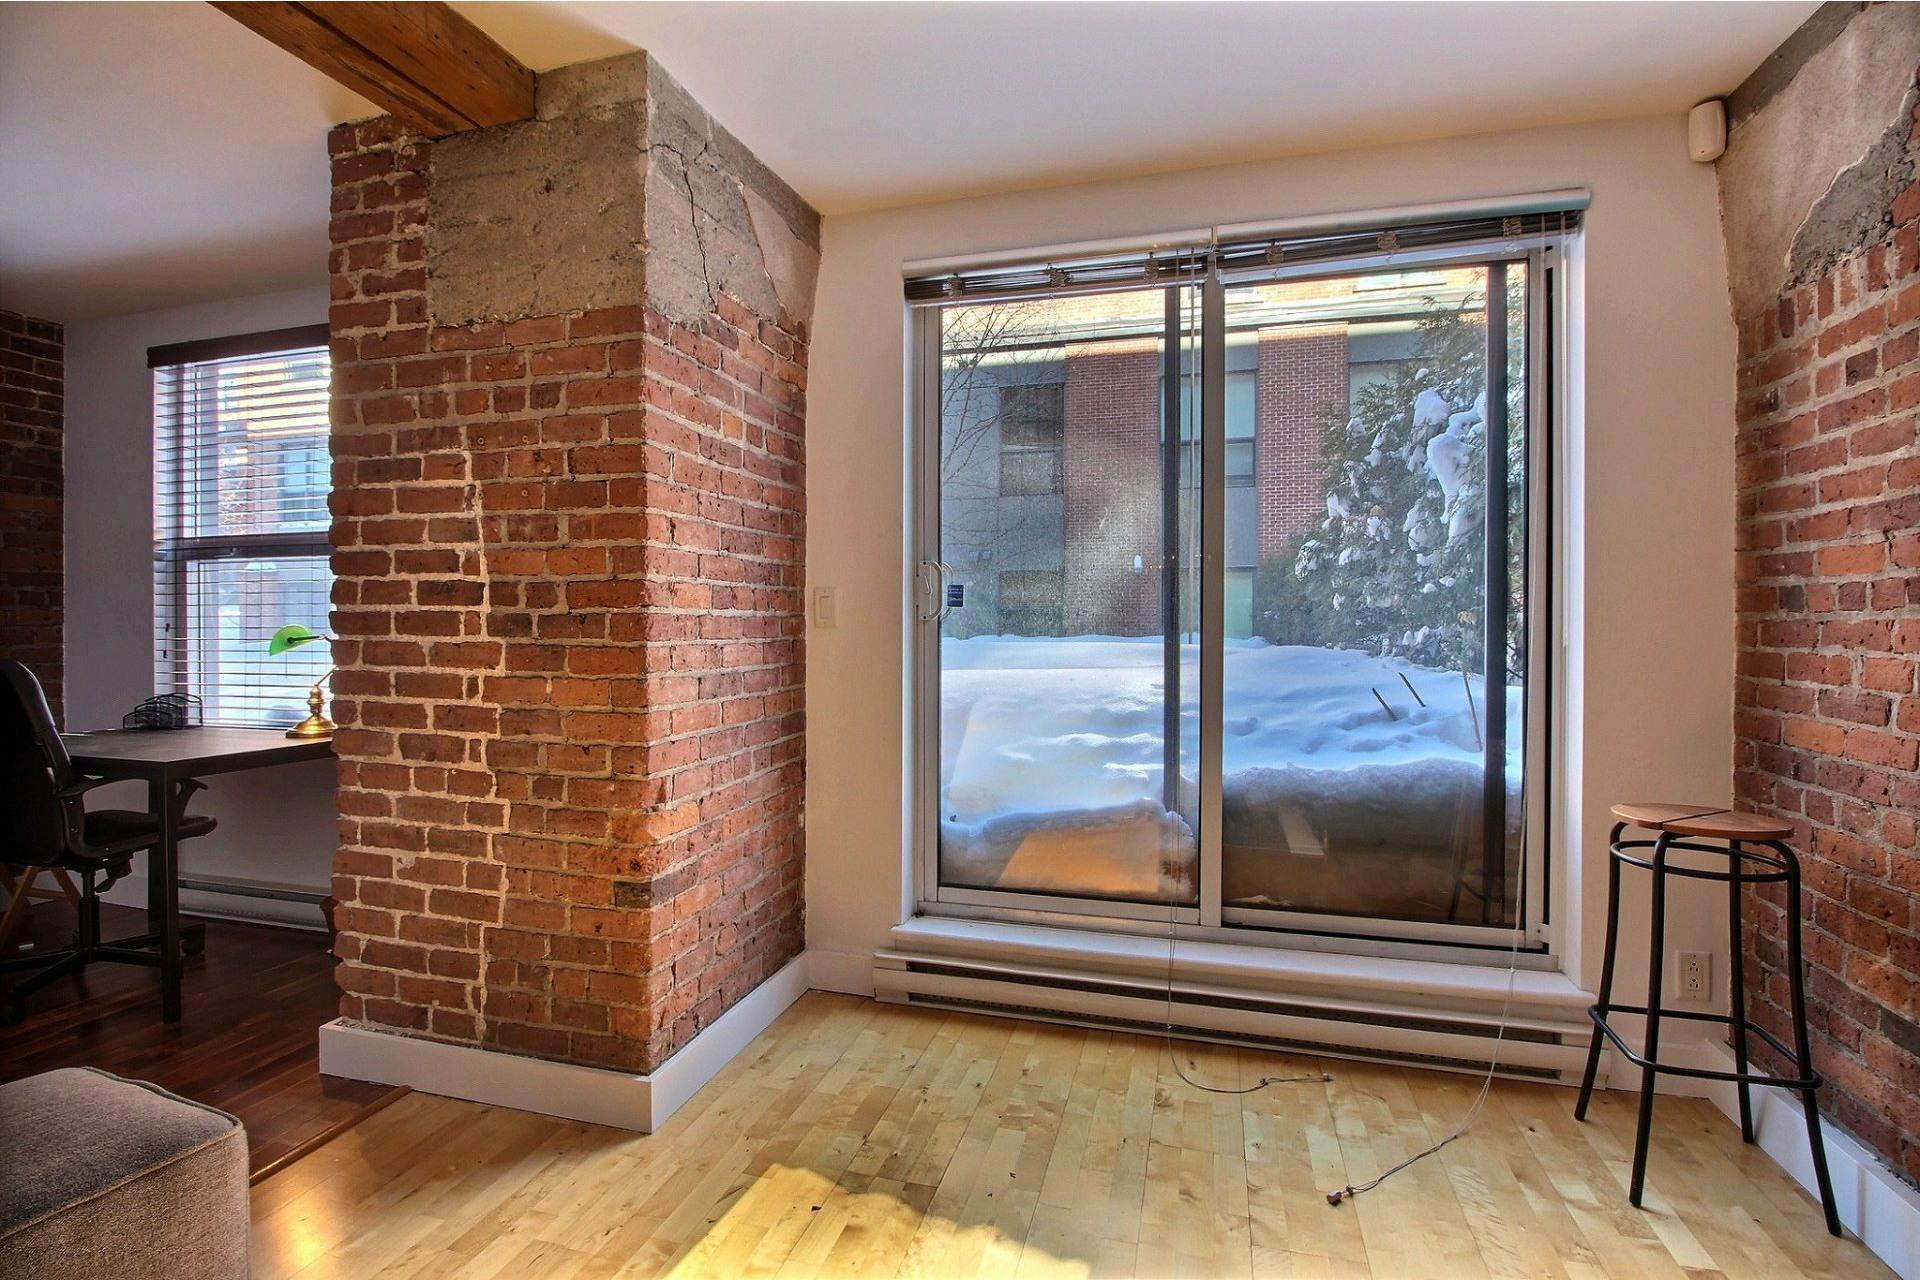 image 10 - Appartement À louer Mercier/Hochelaga-Maisonneuve Montréal  - 5 pièces